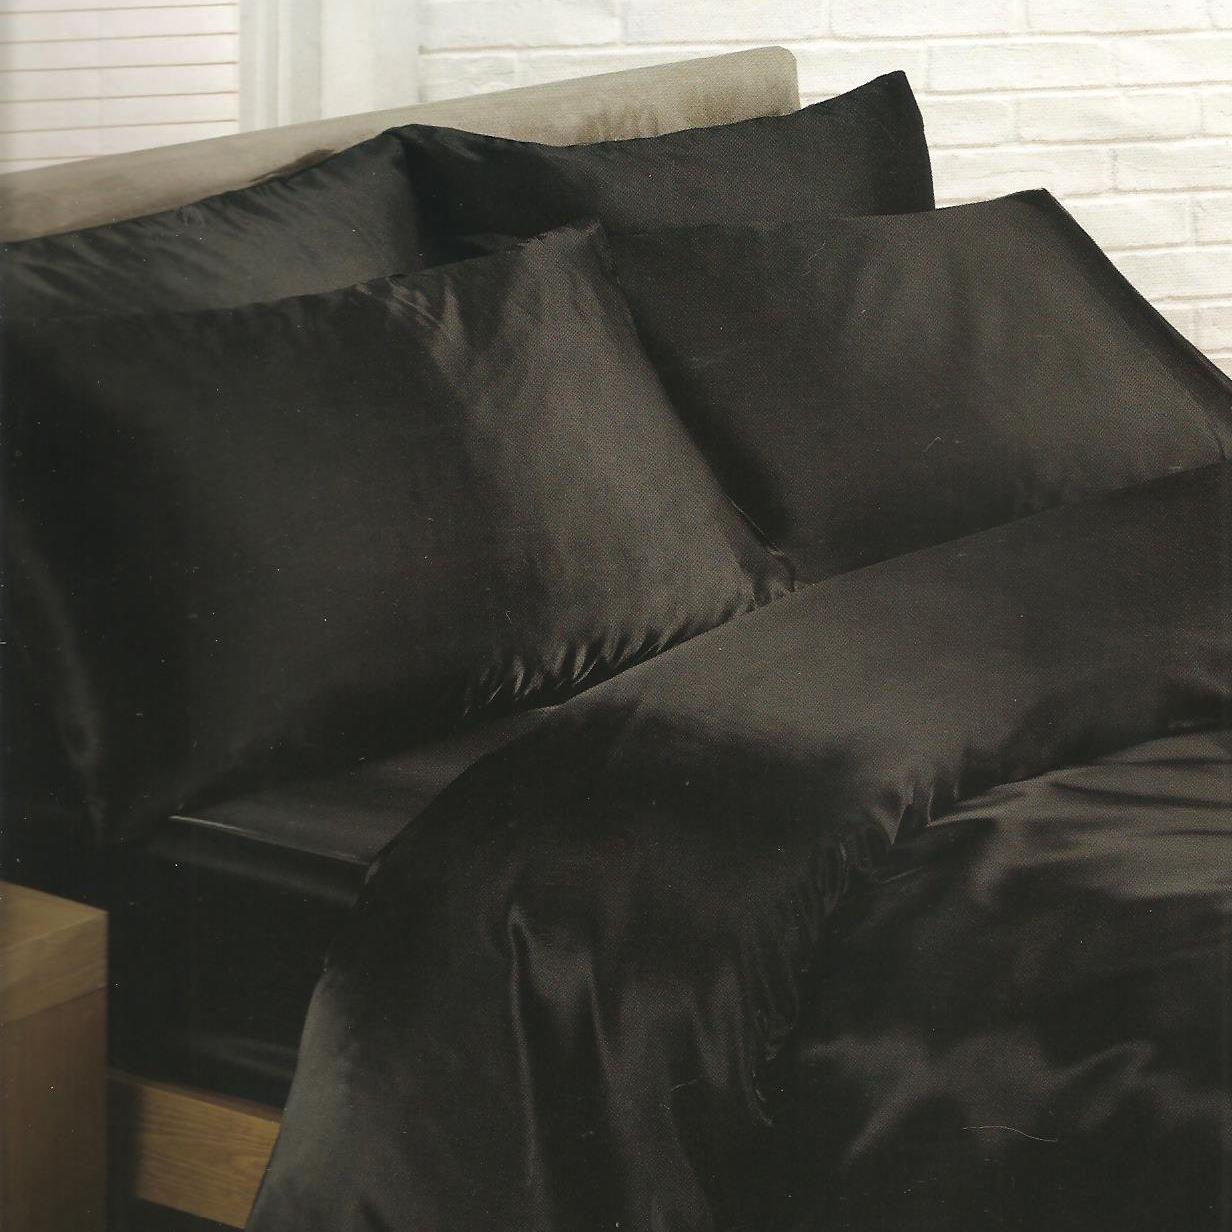 literie satin ensembles housse de couette drap housse taie d 39 oreiller ebay. Black Bedroom Furniture Sets. Home Design Ideas